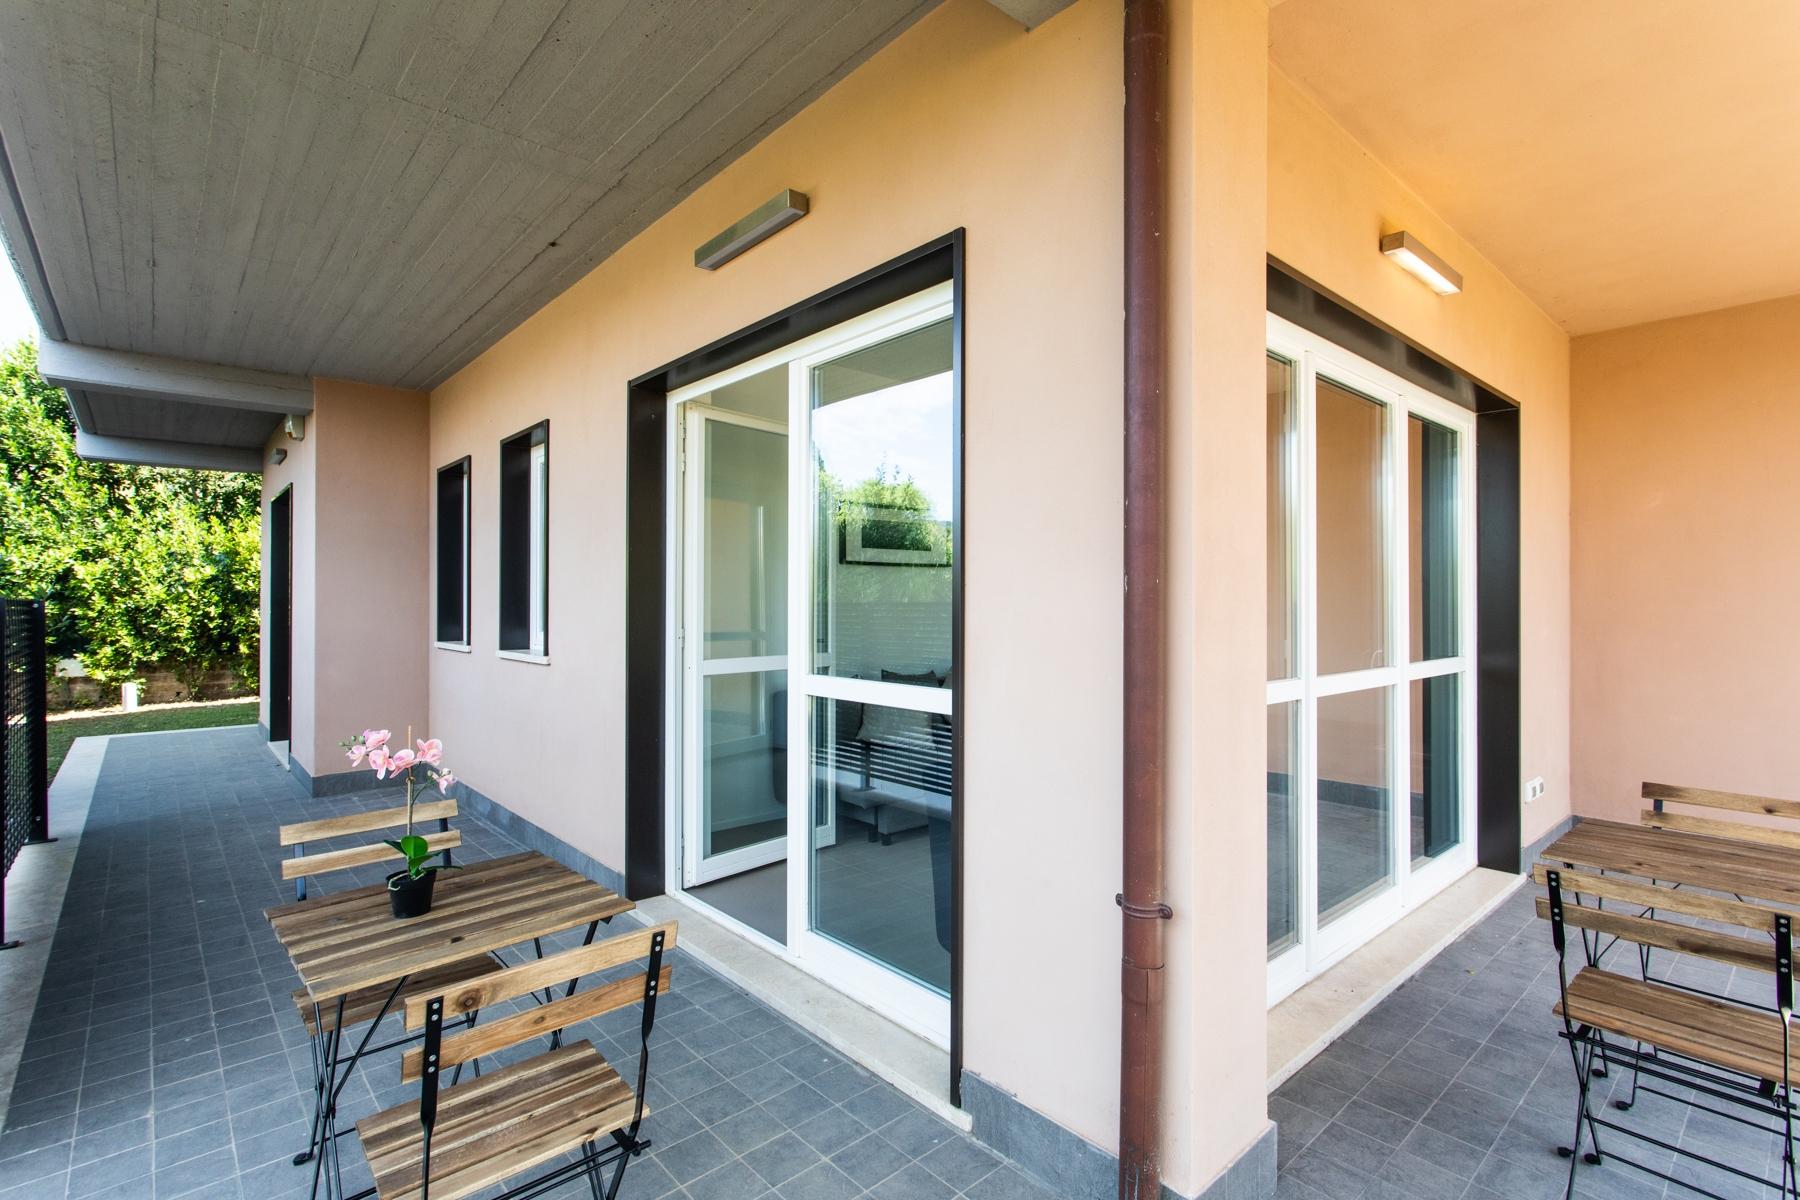 Appartamento in Vendita a Trevignano Romano: 4 locali, 100 mq - Foto 13